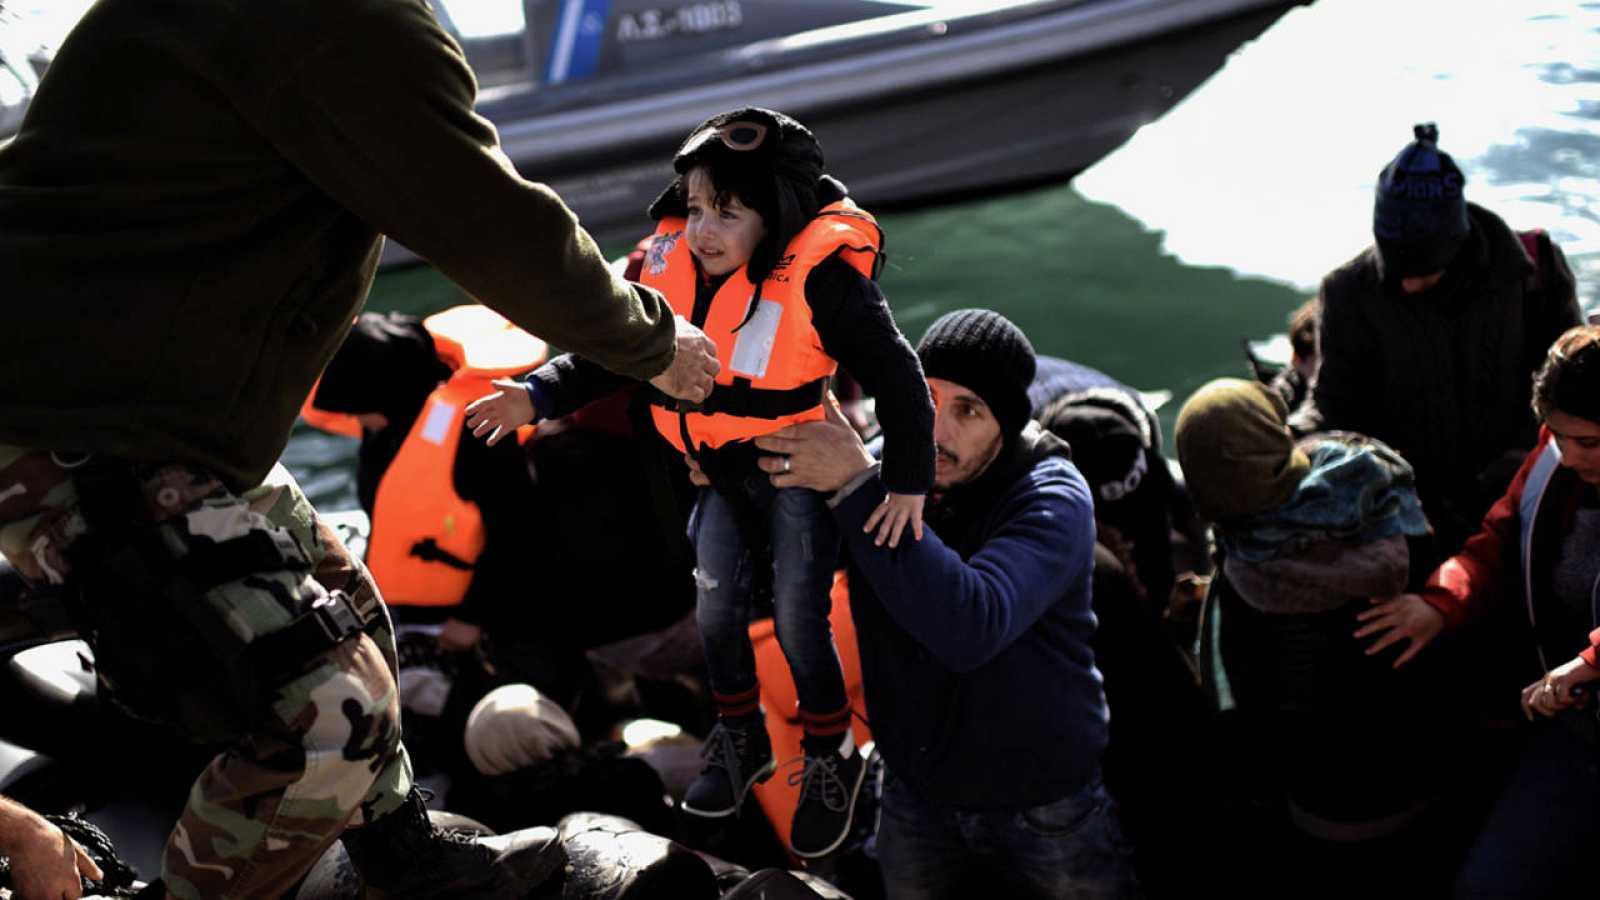 Un guardia costero griego ayuda a un menor refugiado a desembarcar en el puerto de Mytilene, en la isla griega de Lesbos